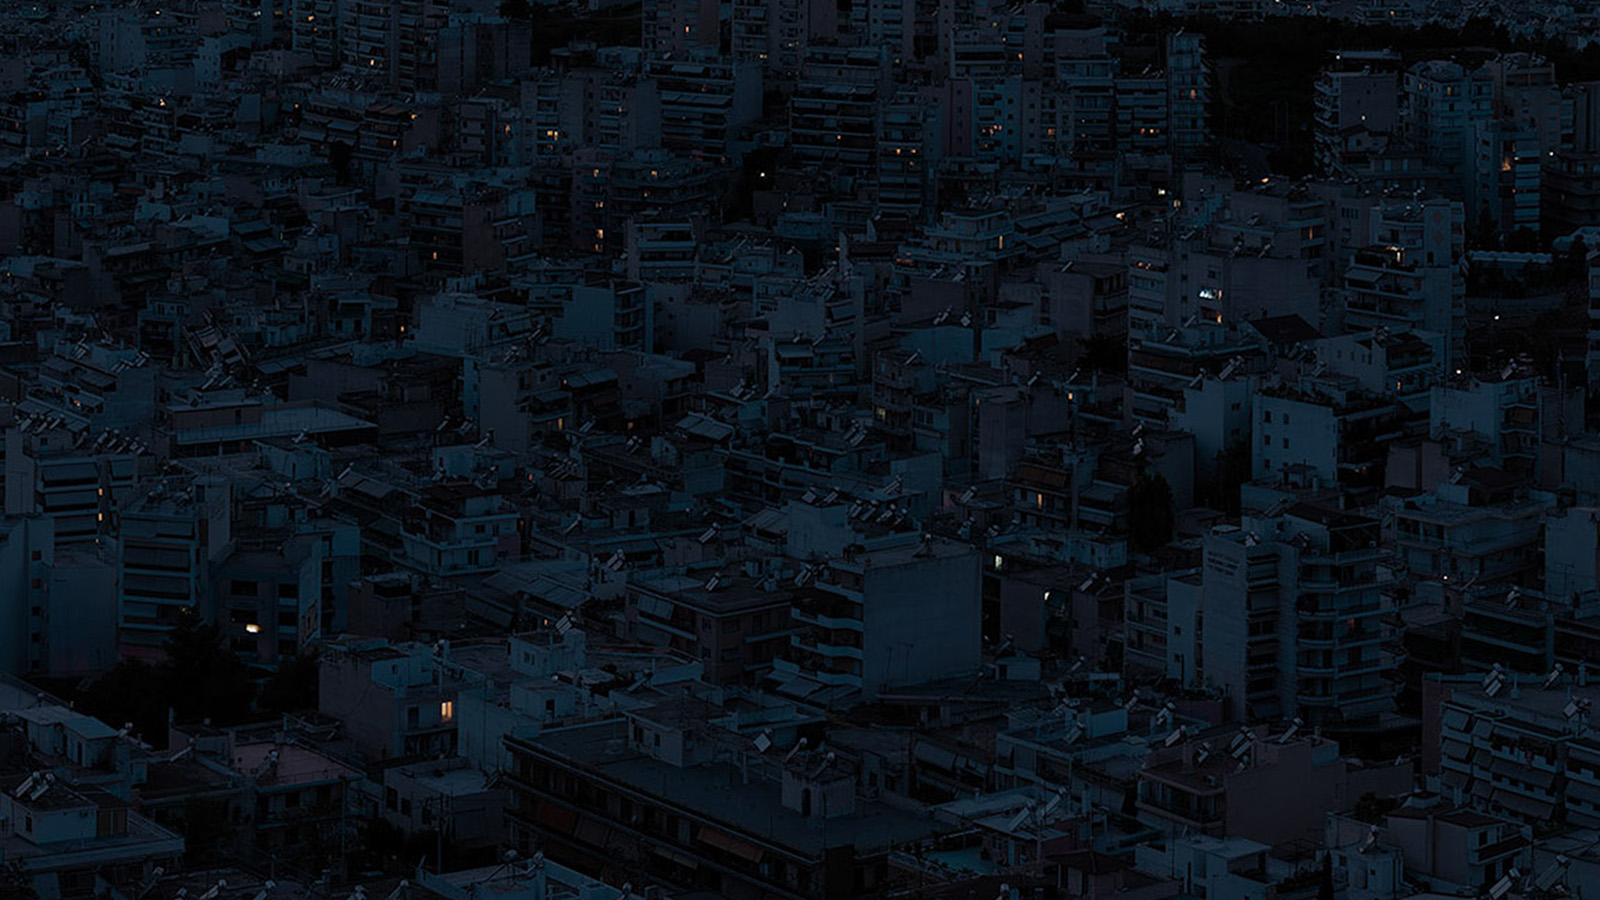 Be37 Dark City Night Art Illustration Wallpaper